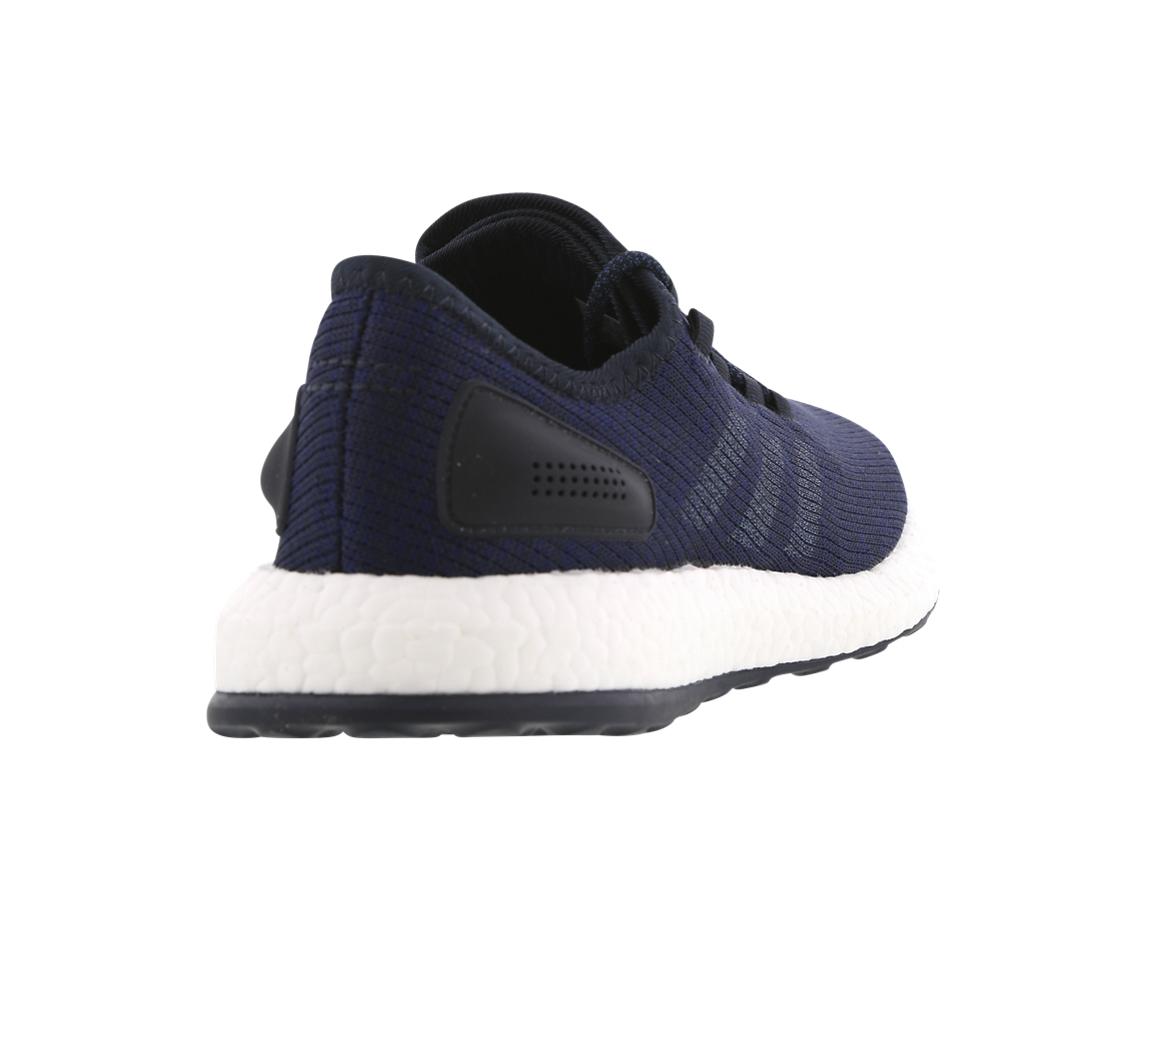 Herren Adidas Pureboost marineblau blau Laufen ba8898